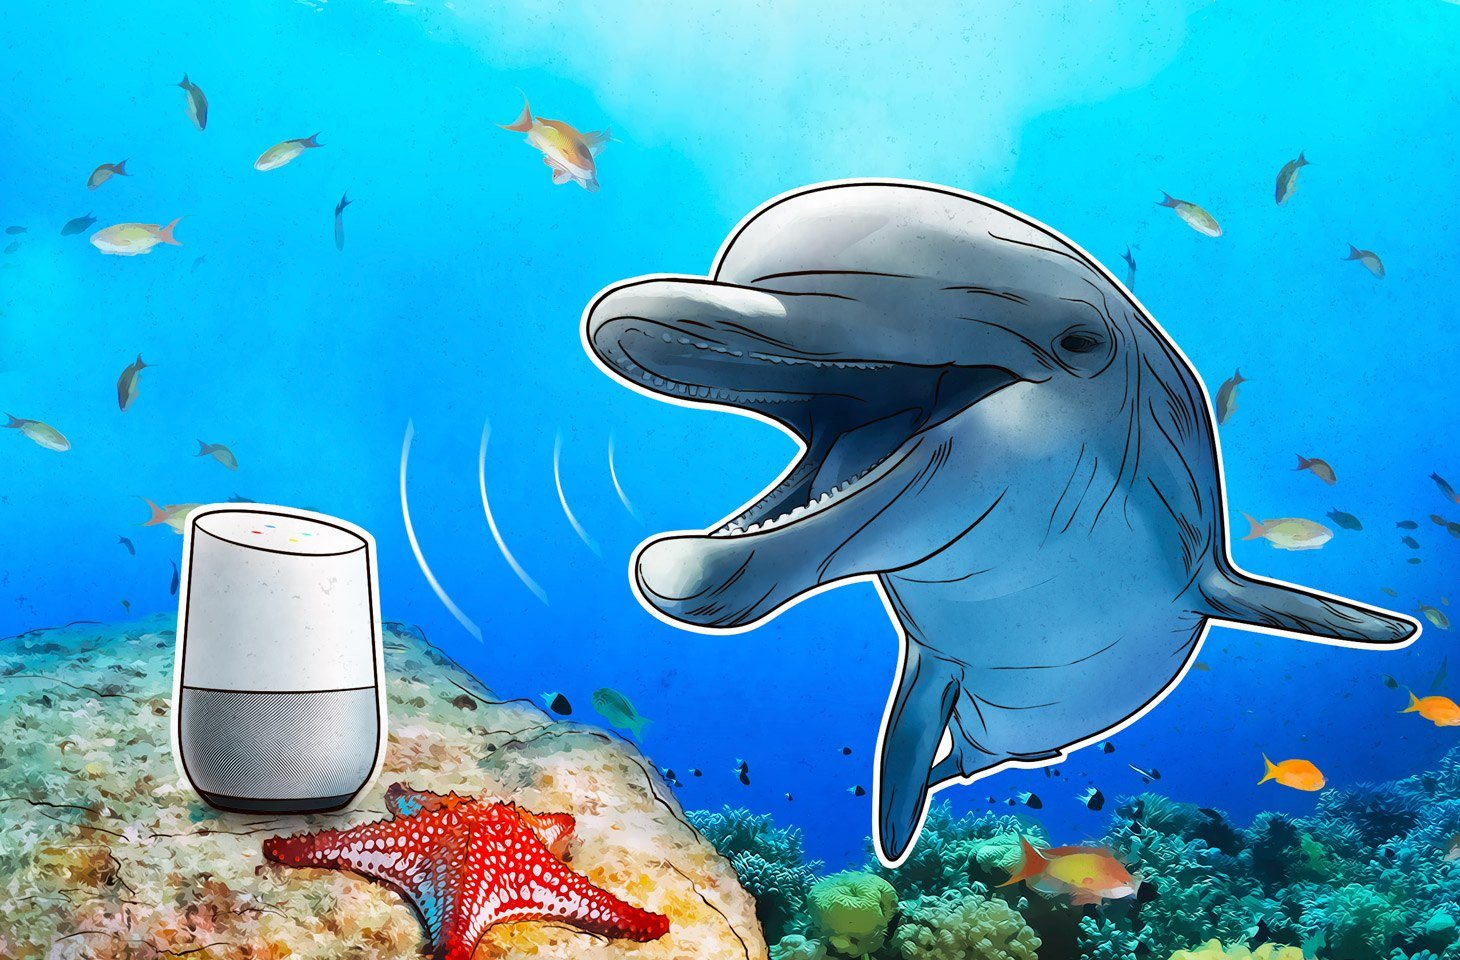 Voice assistenten controleren met verscholen ultrageluid en audio-opnamen in het achtergrondgeluid